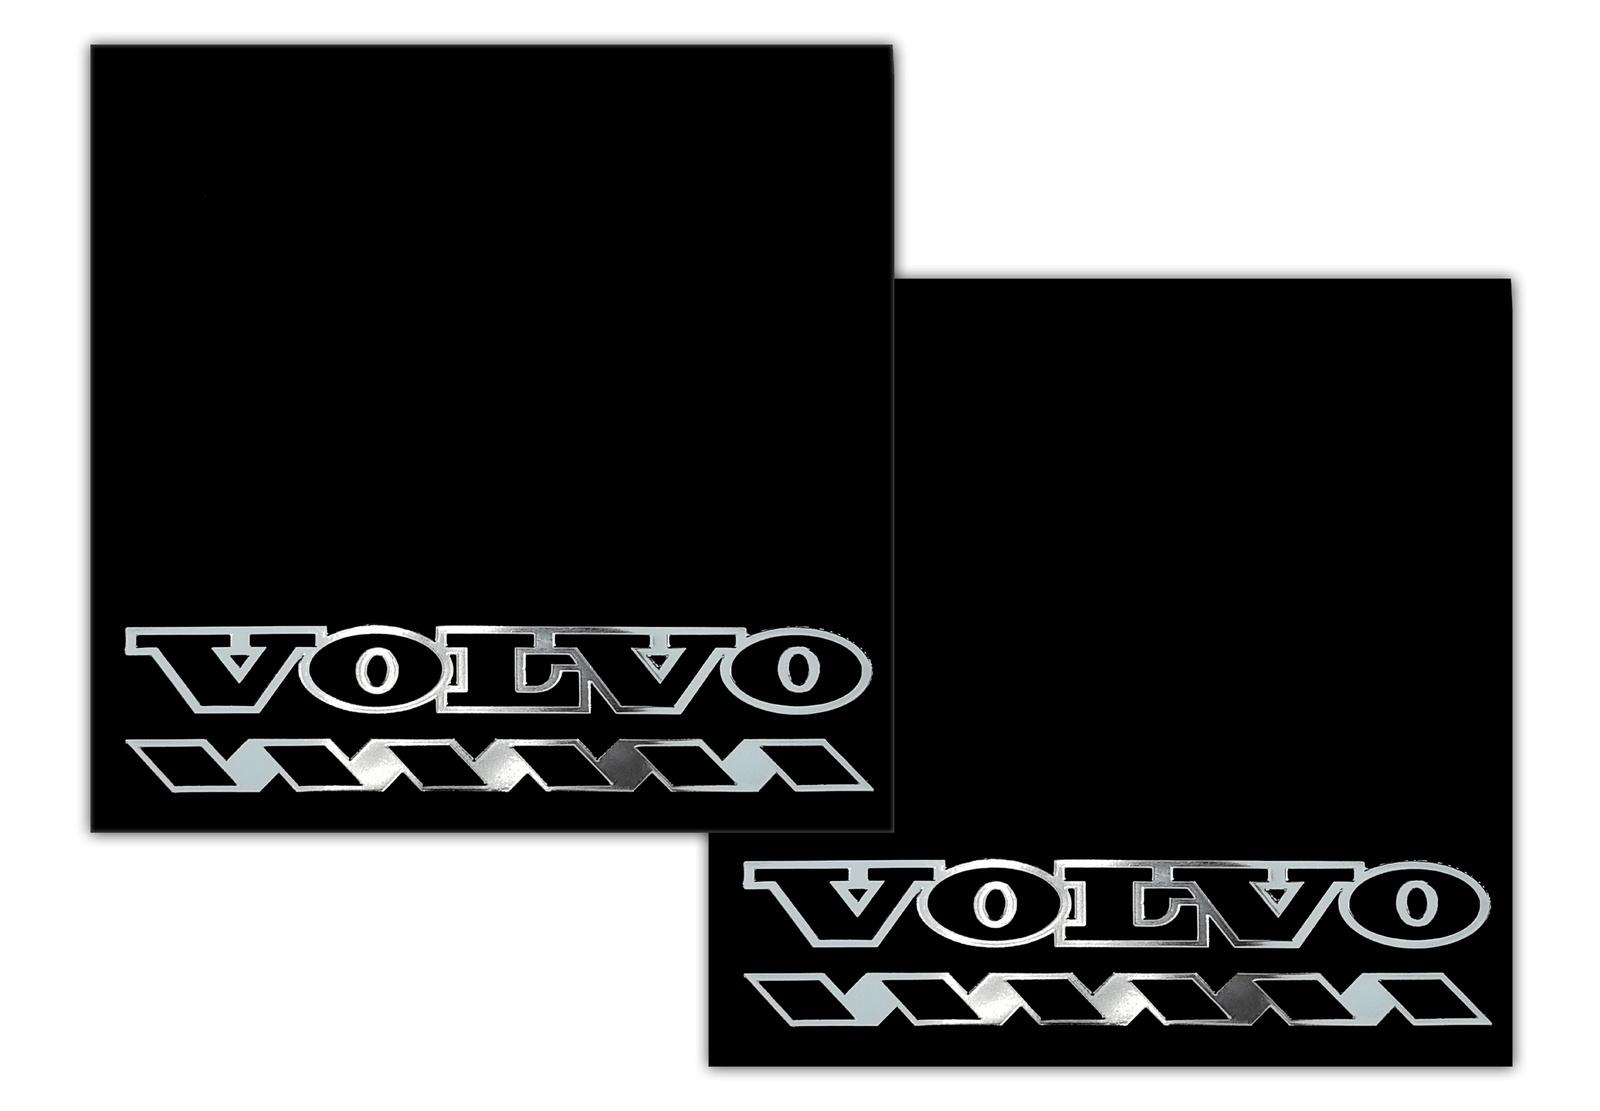 Фото - Брызговик Алекс-Авто Volvo, 0069, 40 х 40 см, 2 шт авто